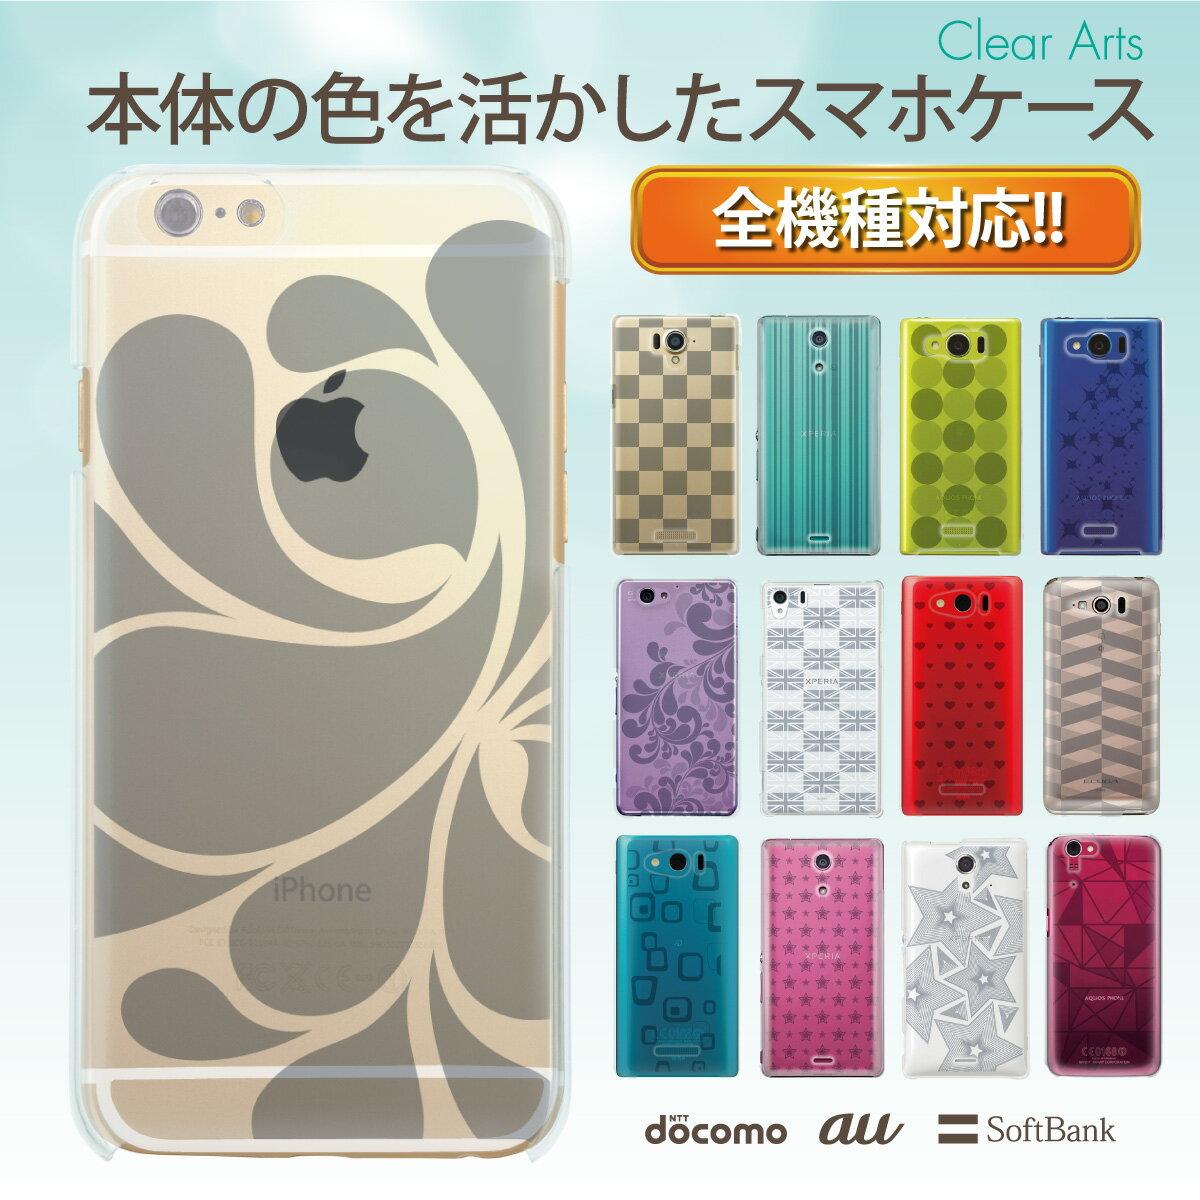 スマホケース 全機種対応 ケース カバー ハードケース クリアケースiPhoneX iPhone8 iPhone7s Plus iPhone7 iPhone6s iPhone6 Plus iPhone SE 5s Xperia XZ1 SO-01K SO-02K XZ so-04j XZs so-03j aquos R SH-01K SHV41 99-zen-037